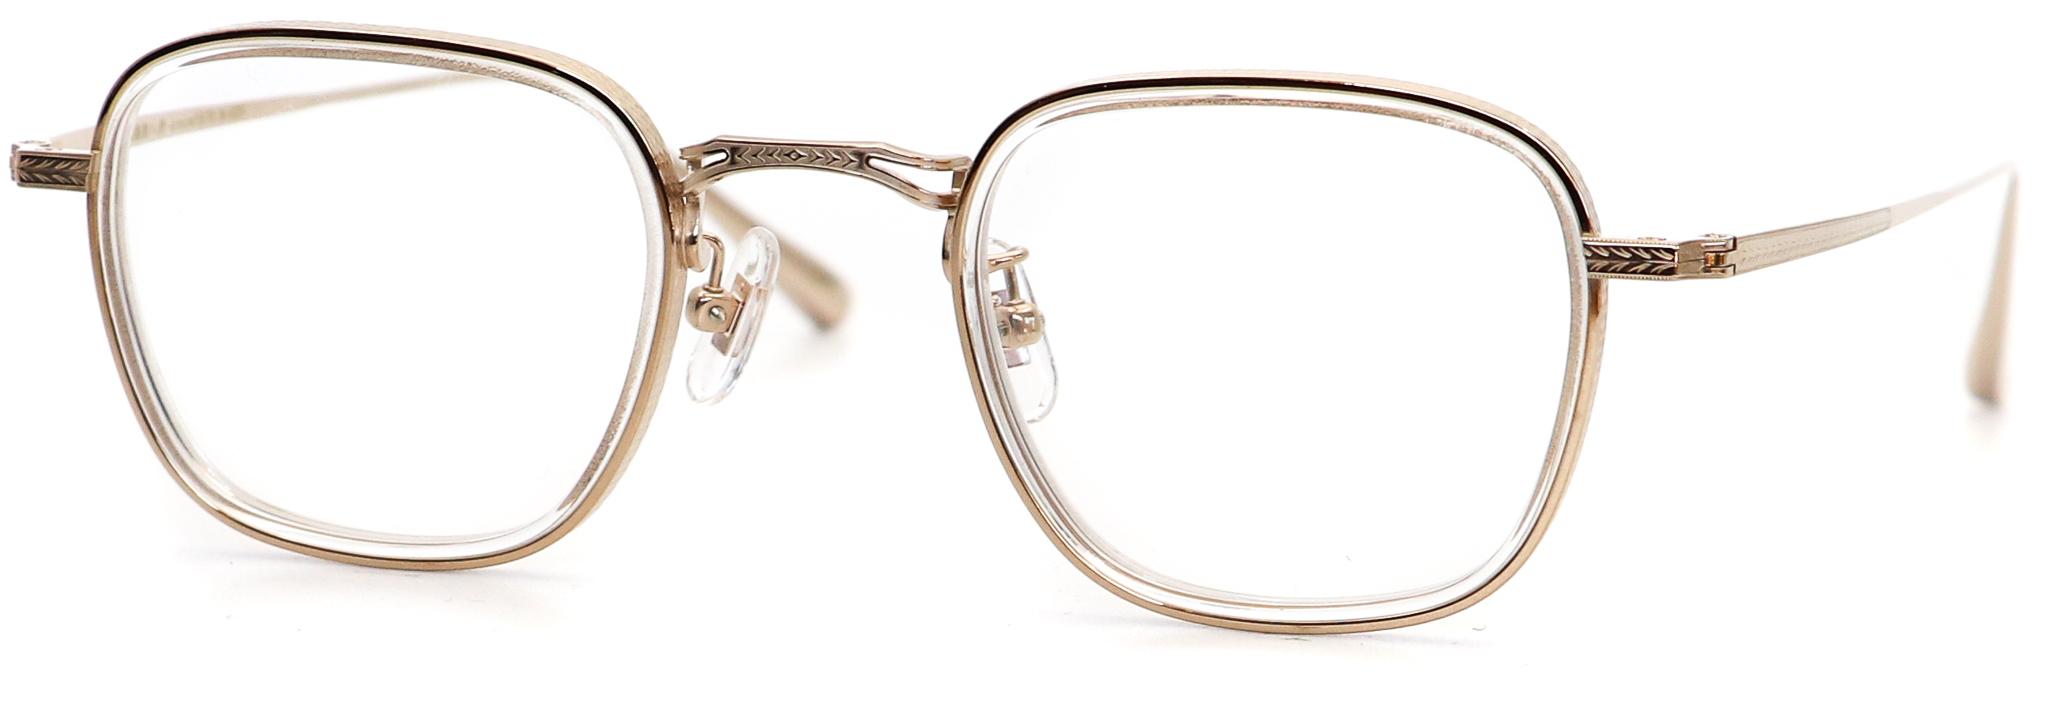 眼鏡のカラータイプC-1 Clear/Gold